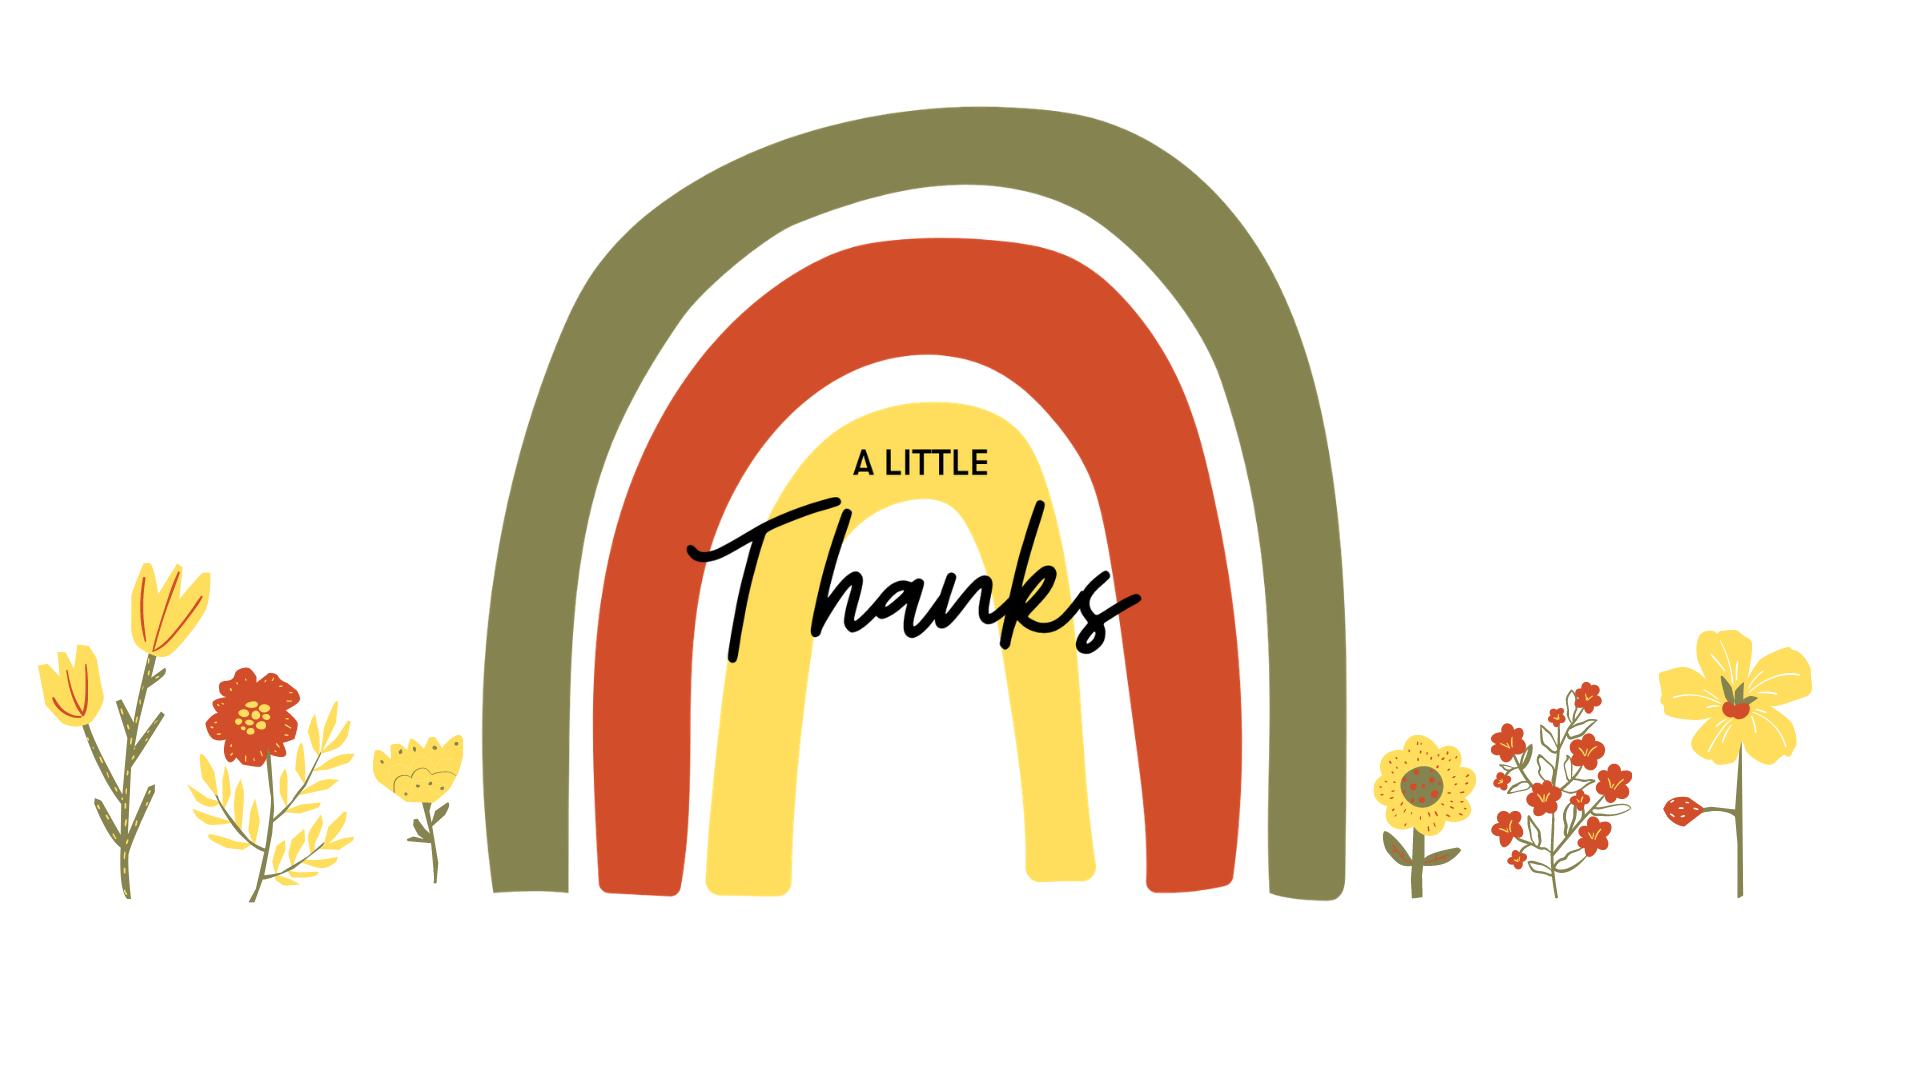 a little thanks (2)